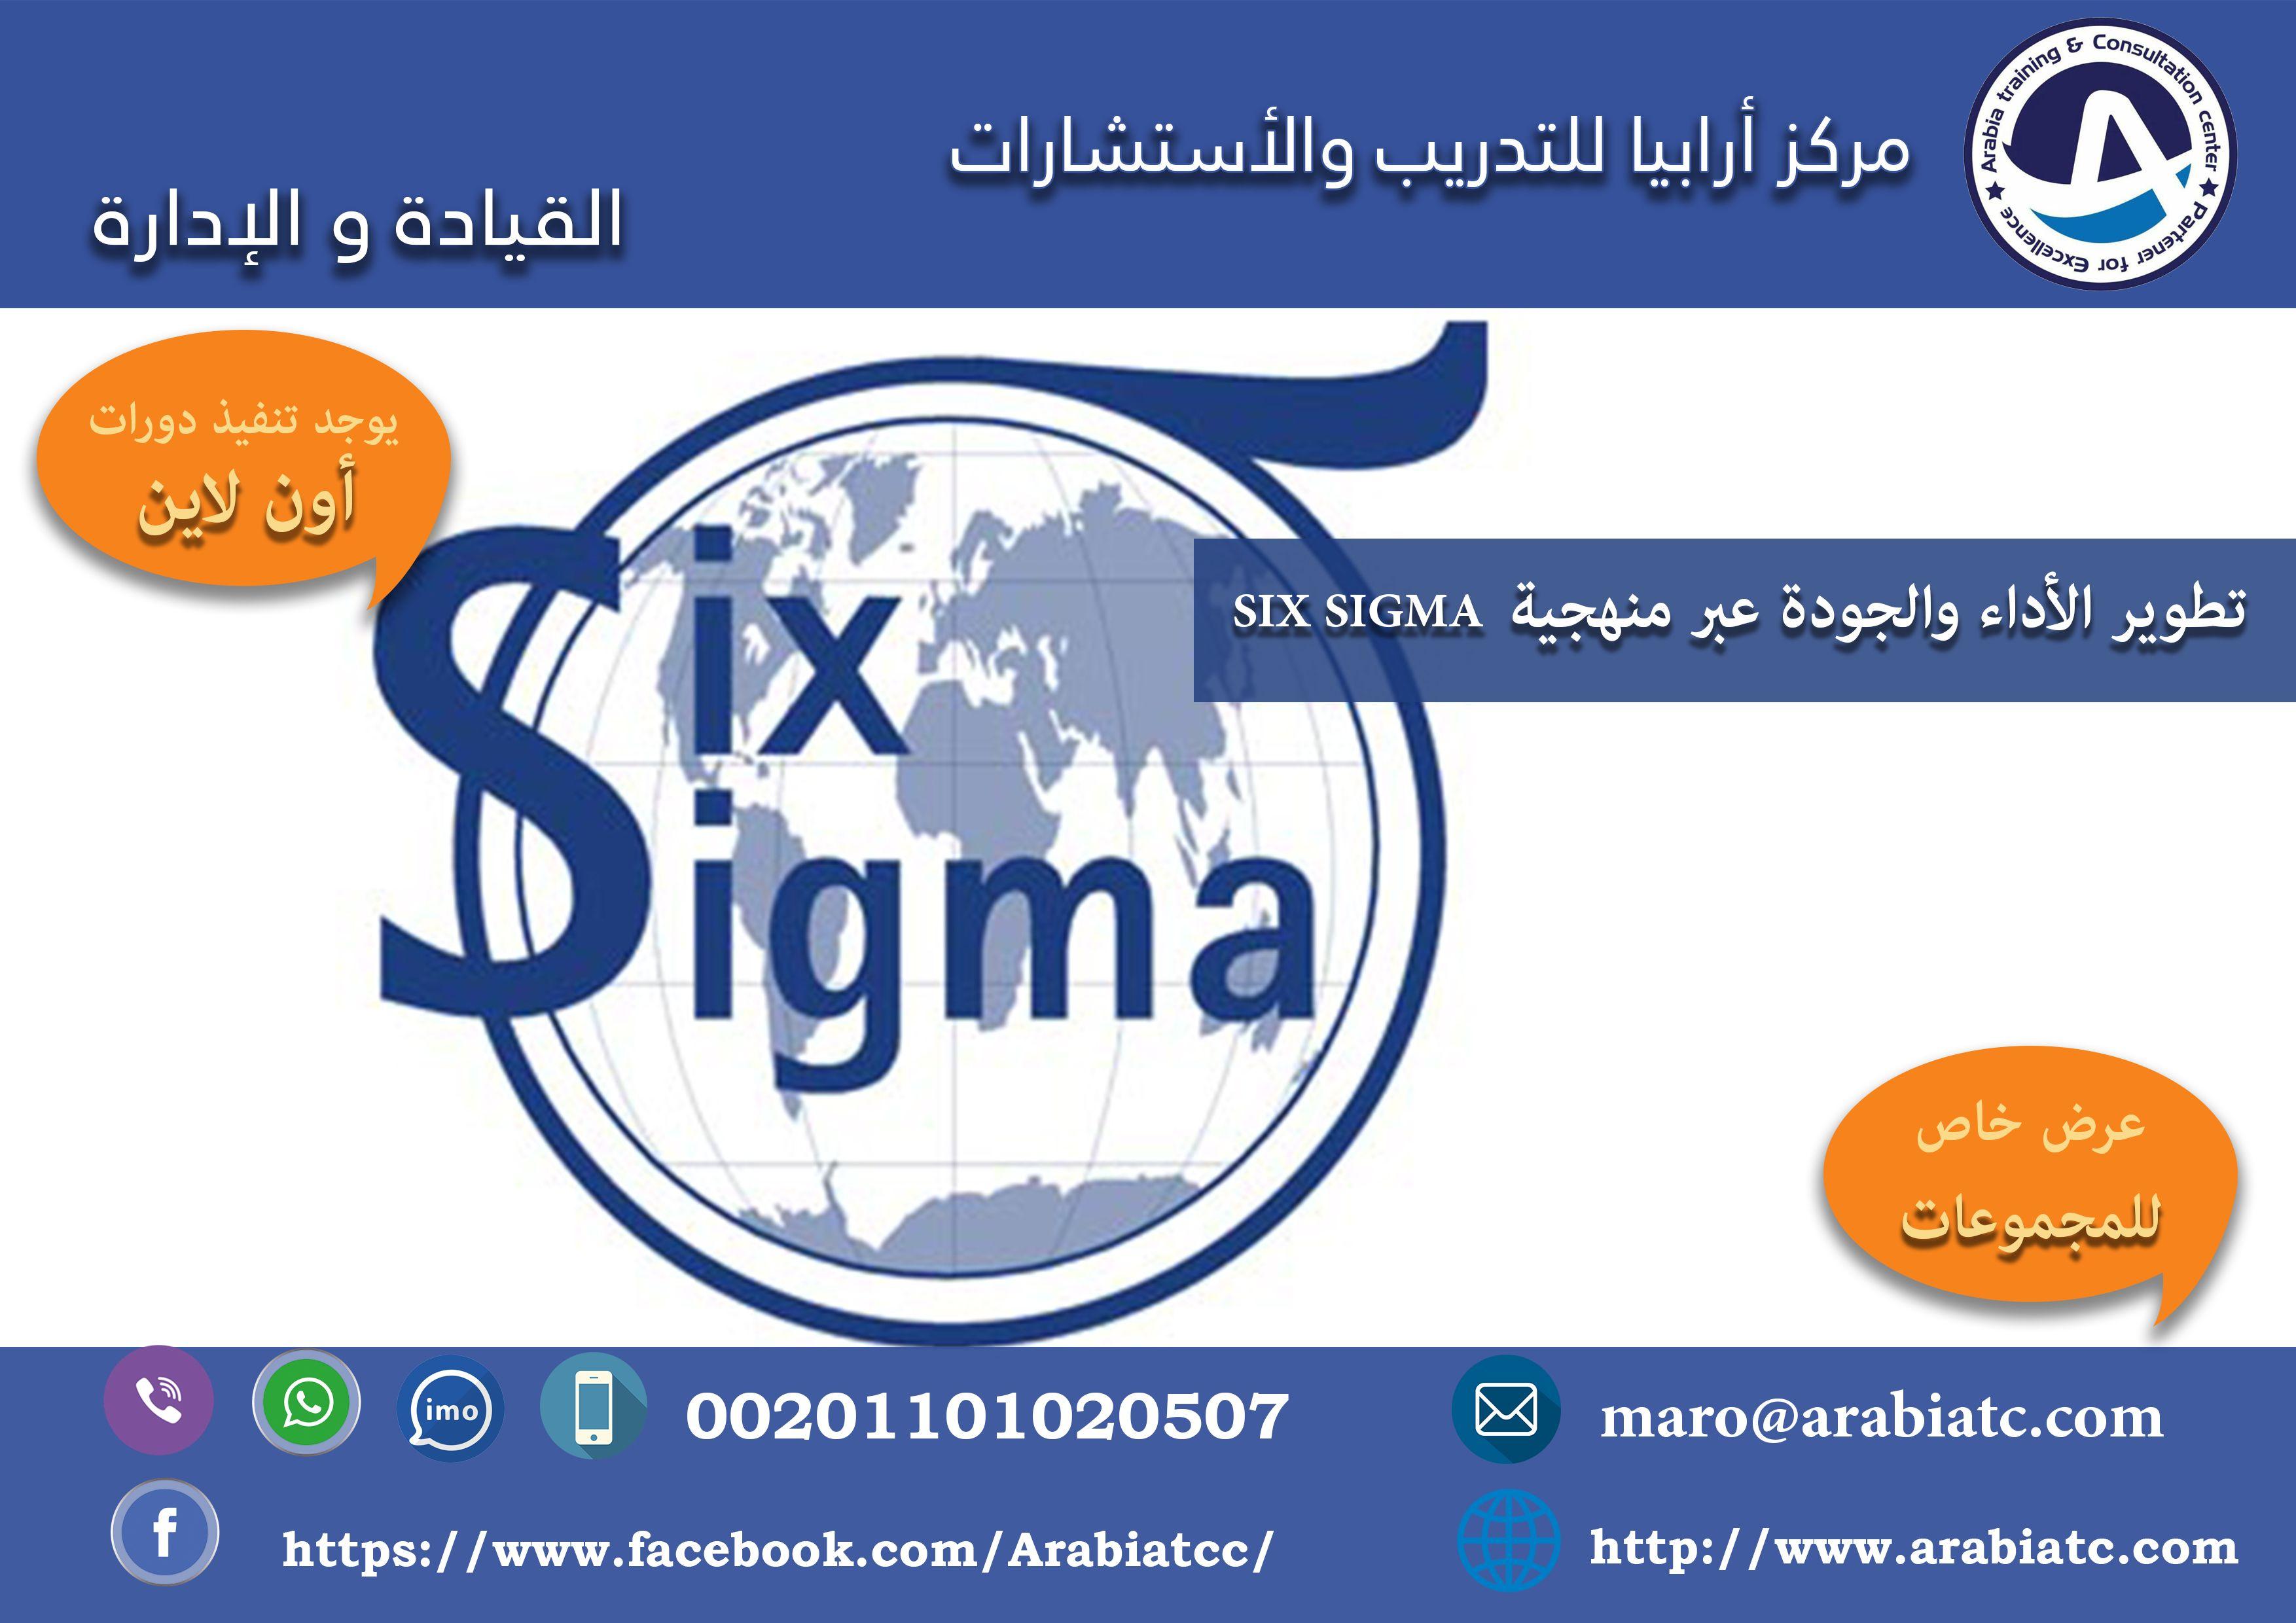 يتشرف مركز ارابيا للتدريب بتقديم اقوى البرامج التدريبية في مجال القيادة والإدارة دورة تطوير الأداء والجودة عبر منهجية Six Sigma Merna